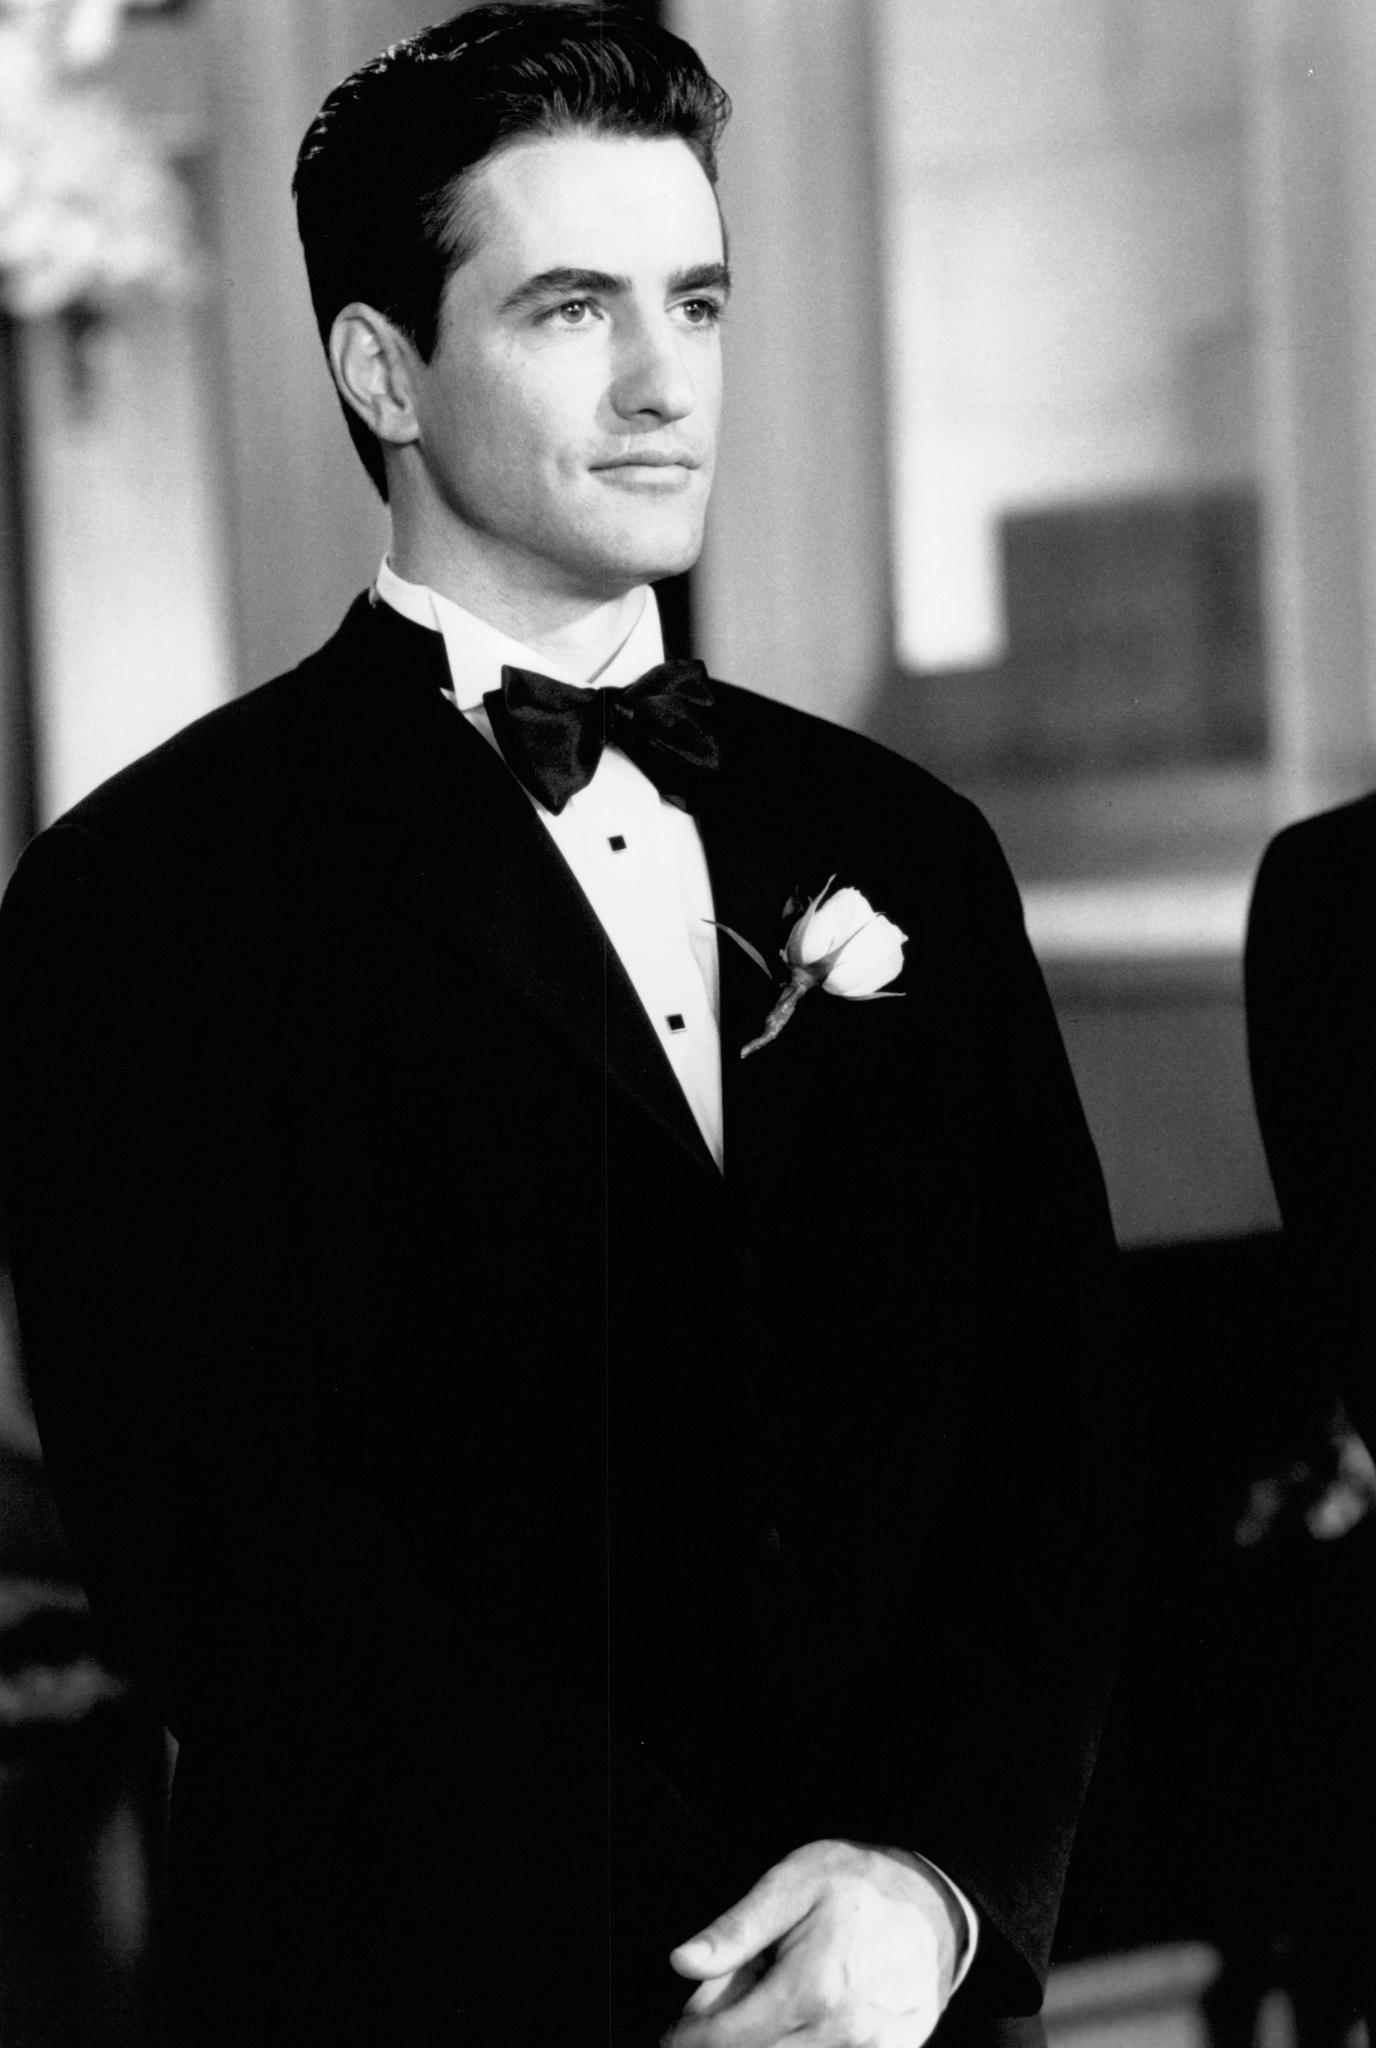 Dermot Mulroney in My Best Friend's Wedding (1997)